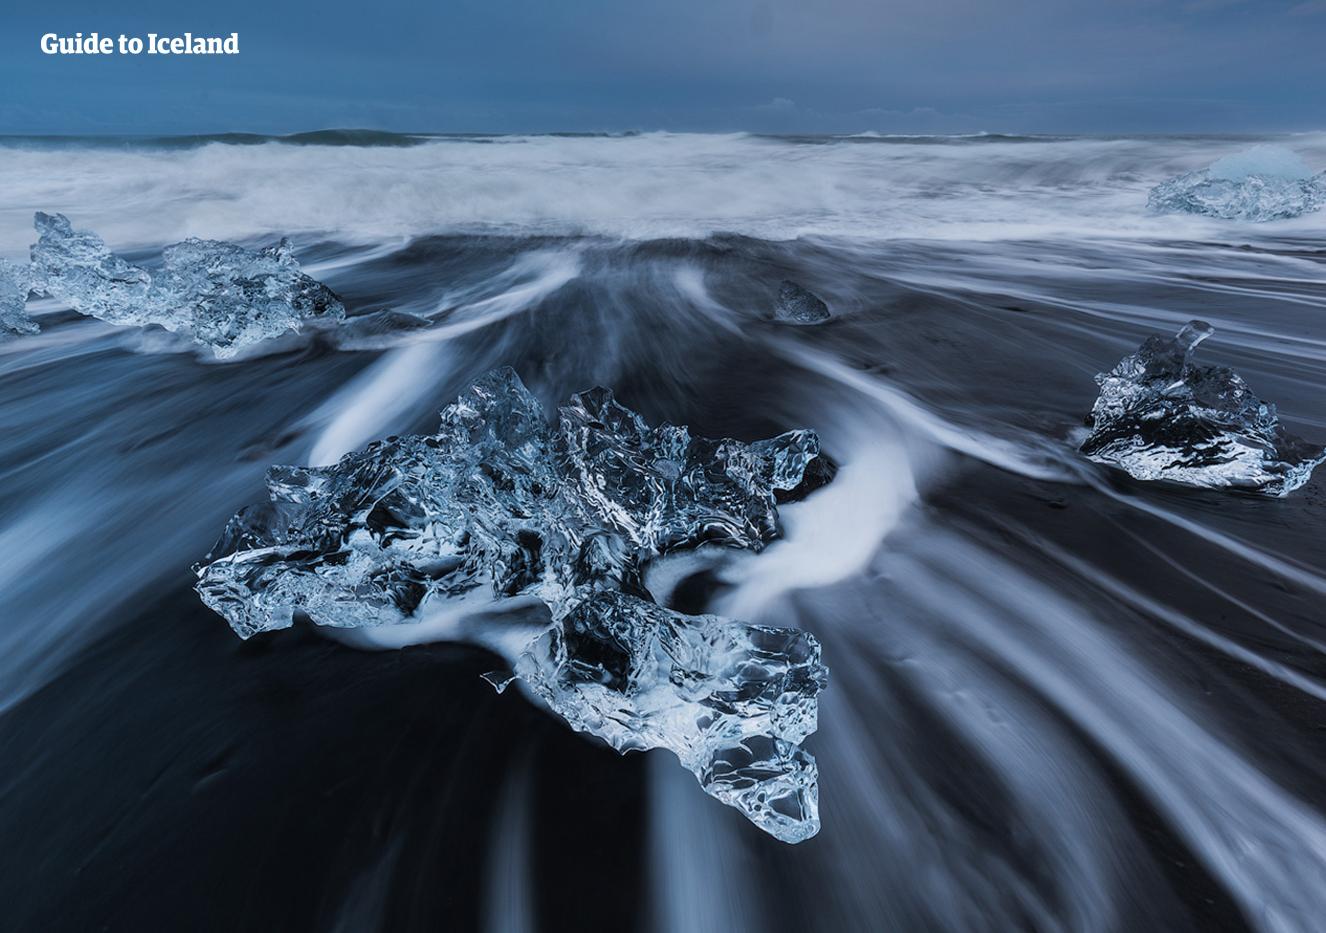 比邻杰古沙龙冰河湖(Jökulsárlón)的钻石沙滩是冰岛最美黑沙滩之一